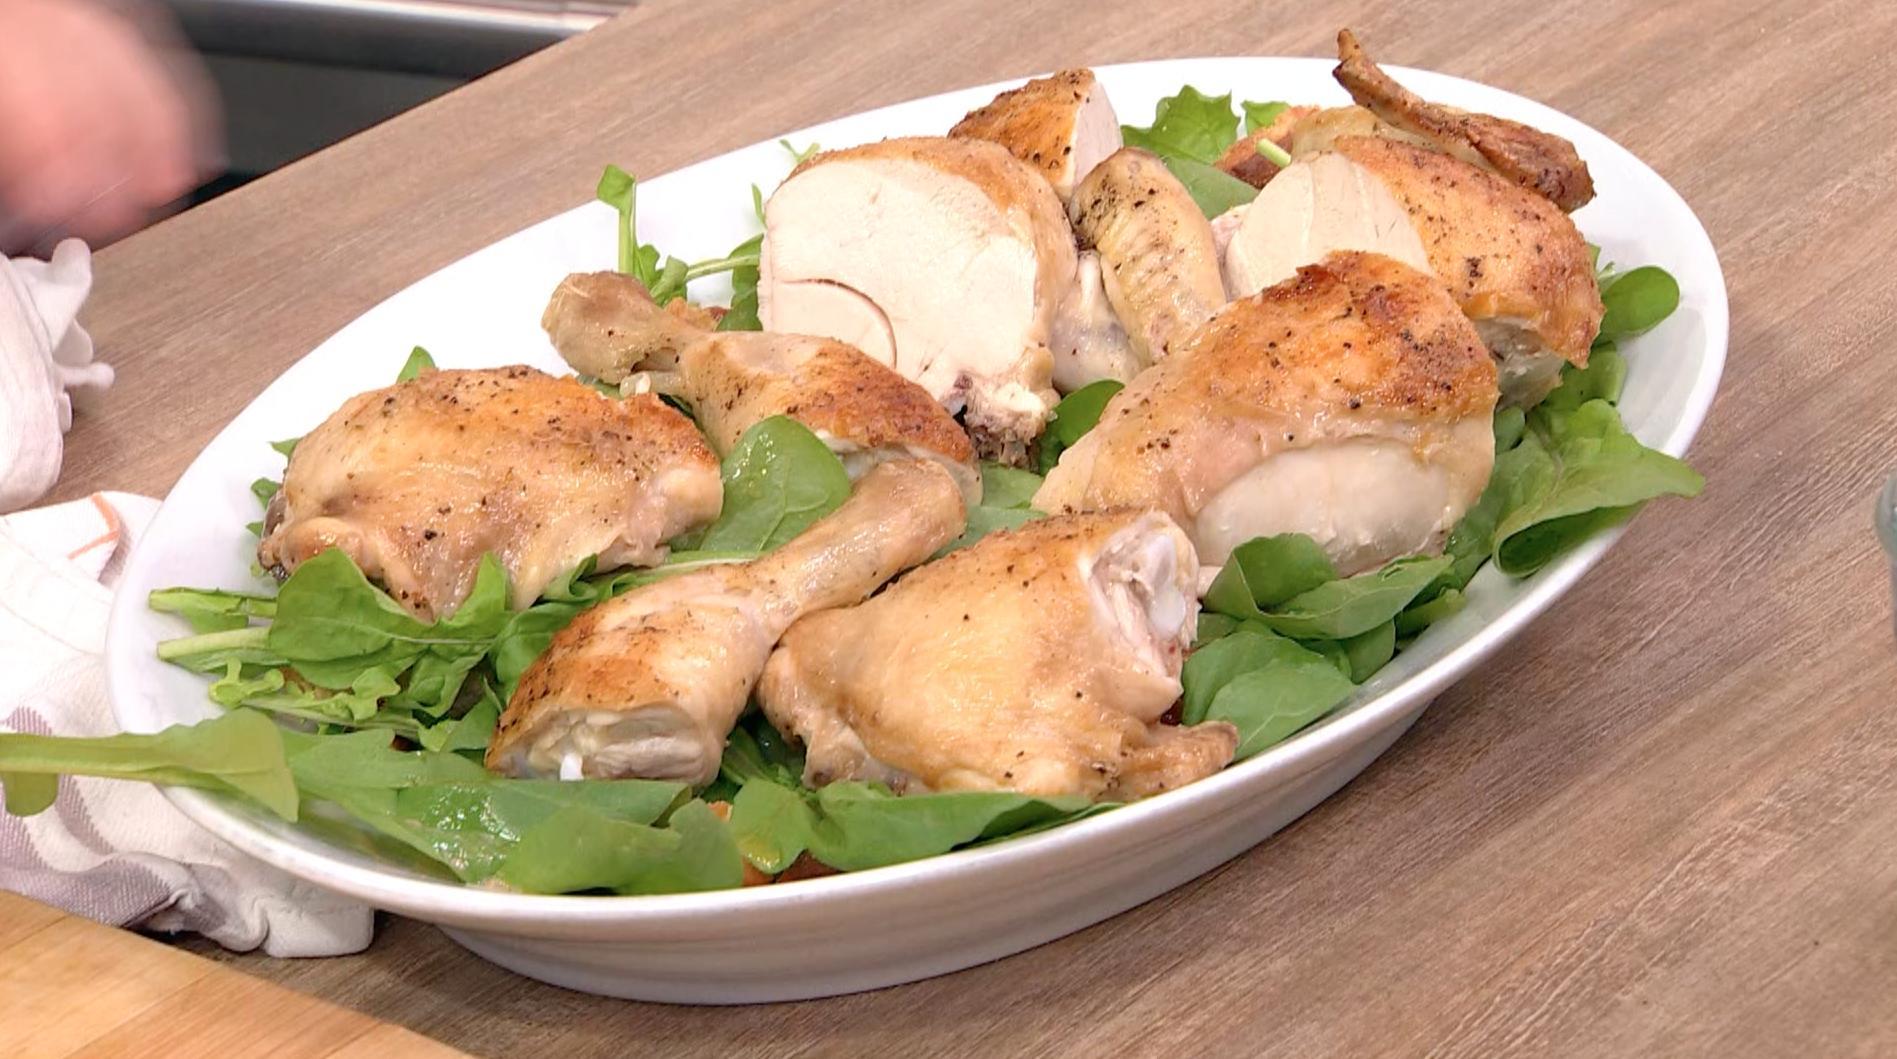 The Crispiest, Juiciest, 30-Minute Roast Chicken